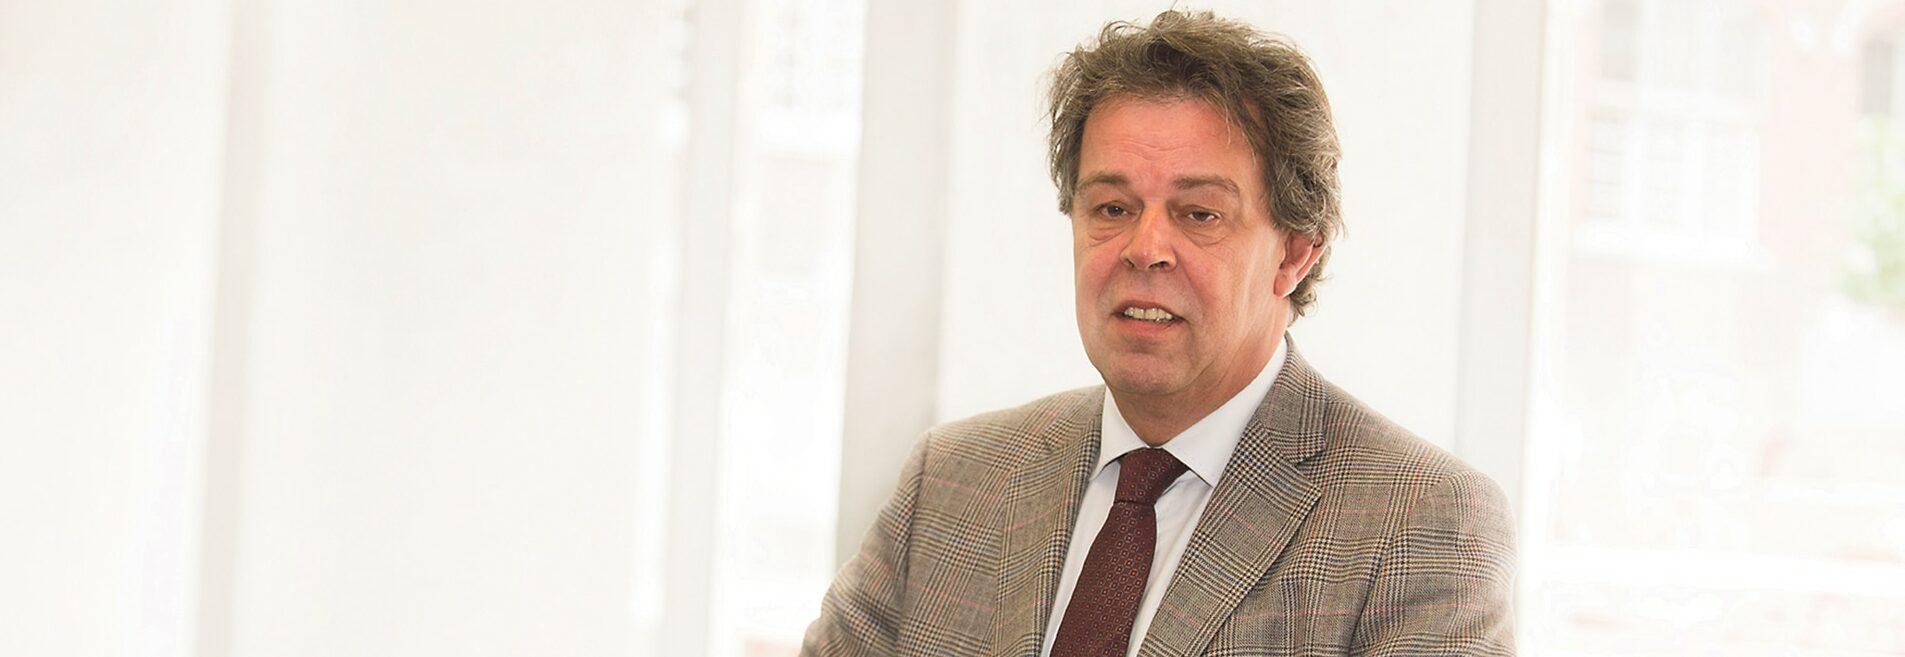 Hans Crijns, Vlerick Business School